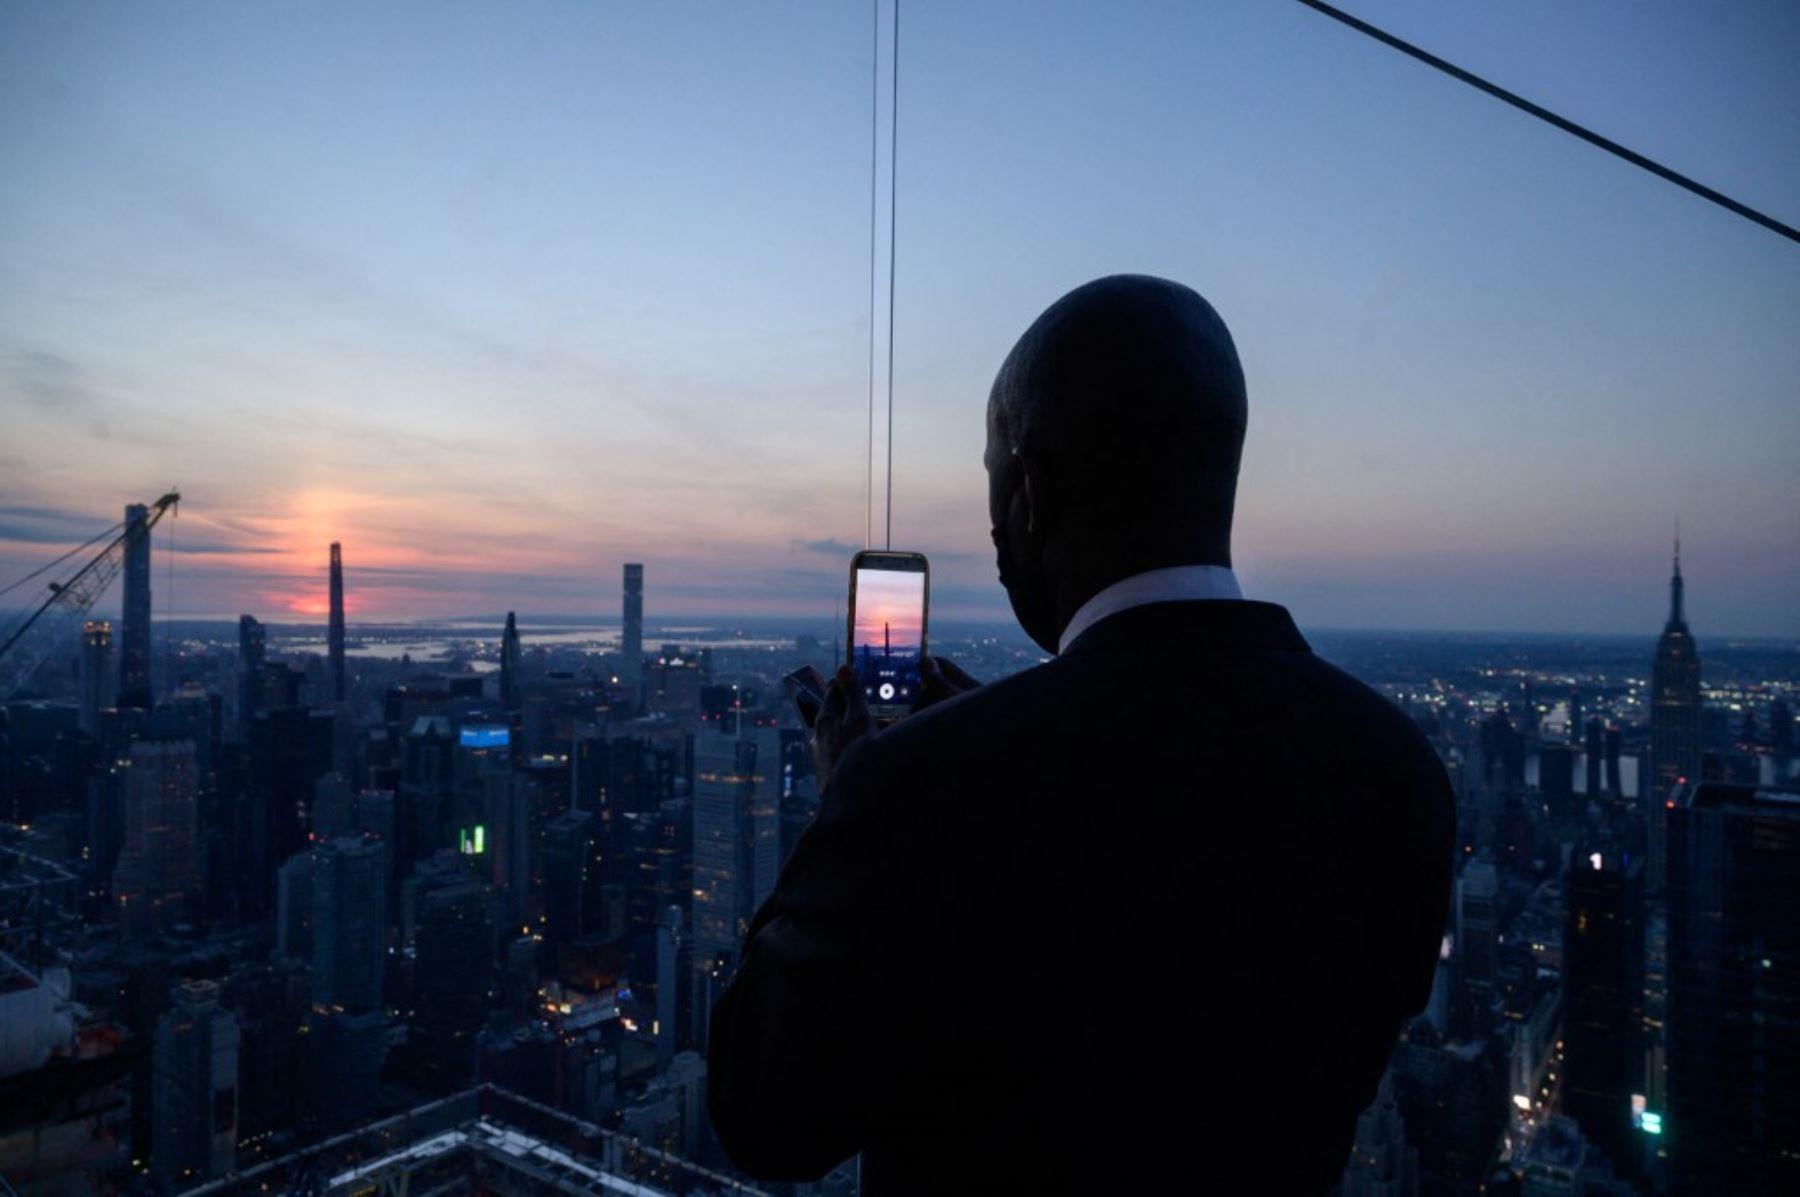 Un hombre que sostiene un teléfono móvil se encuentra frente al horizonte de Manhattan mientras espera el inicio del eclipse solar parcial, en el mirador de Edge, en Nueva York el 10 de junio de 2021. Foto: AFP